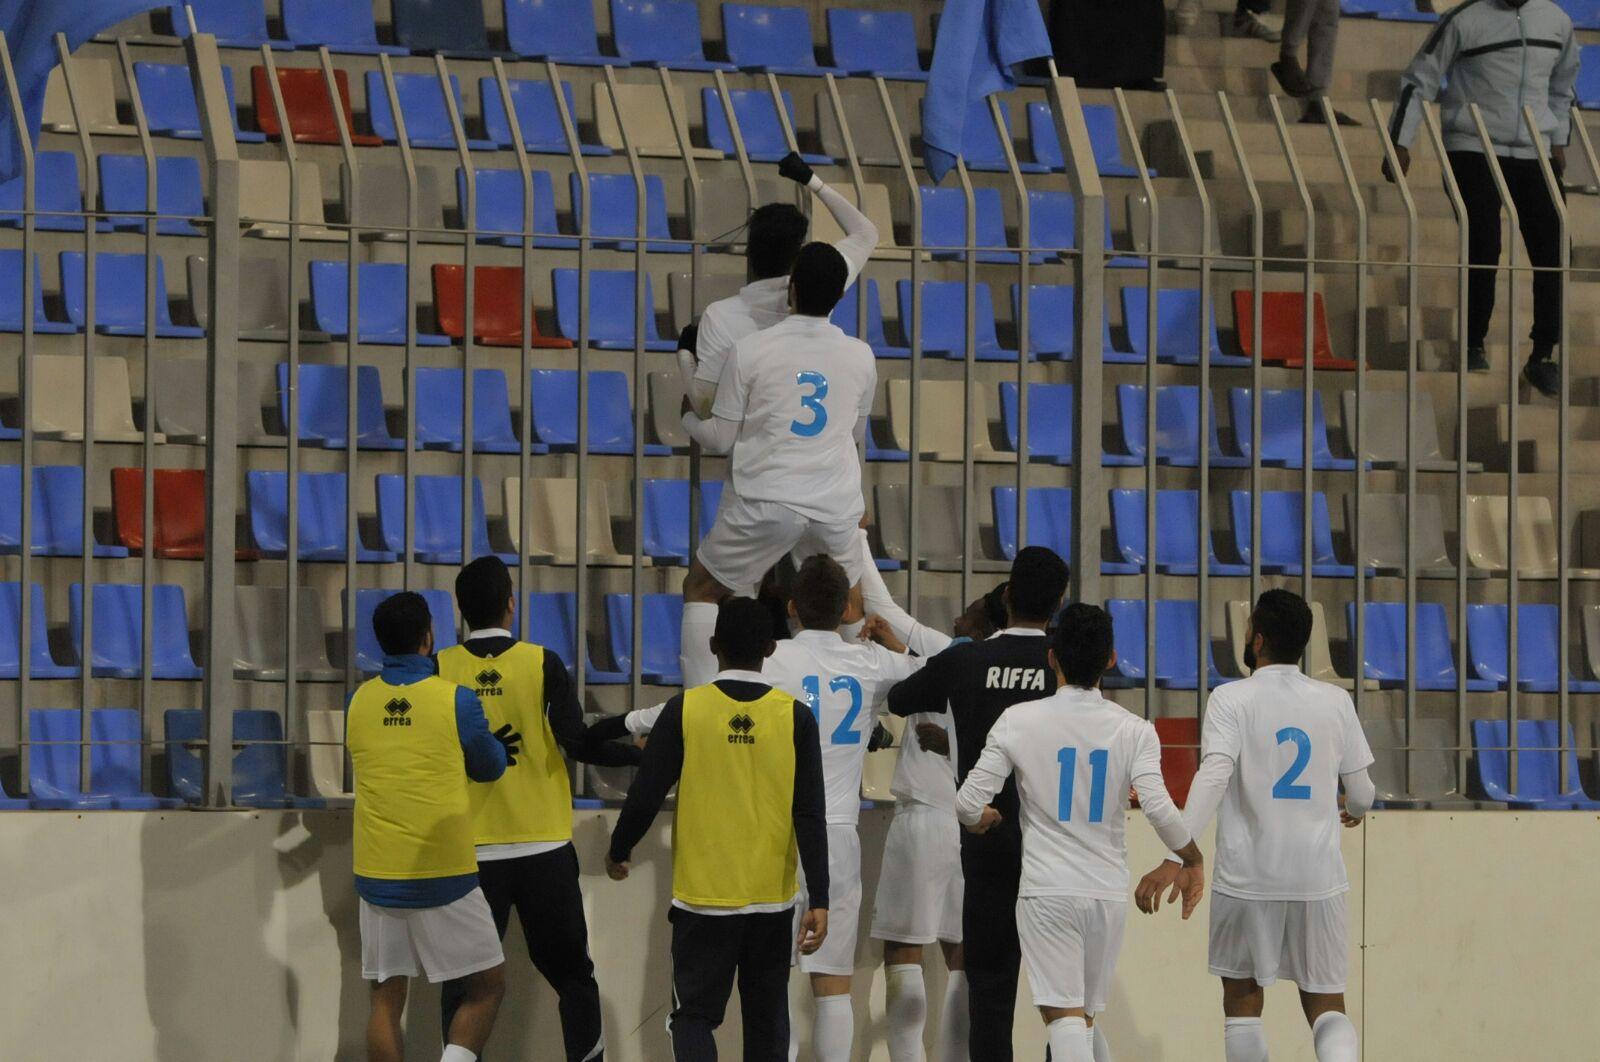 فرحة الرفاعيين بالهدف الأول من محمد الطيب (تصوير - محمد المخرق)